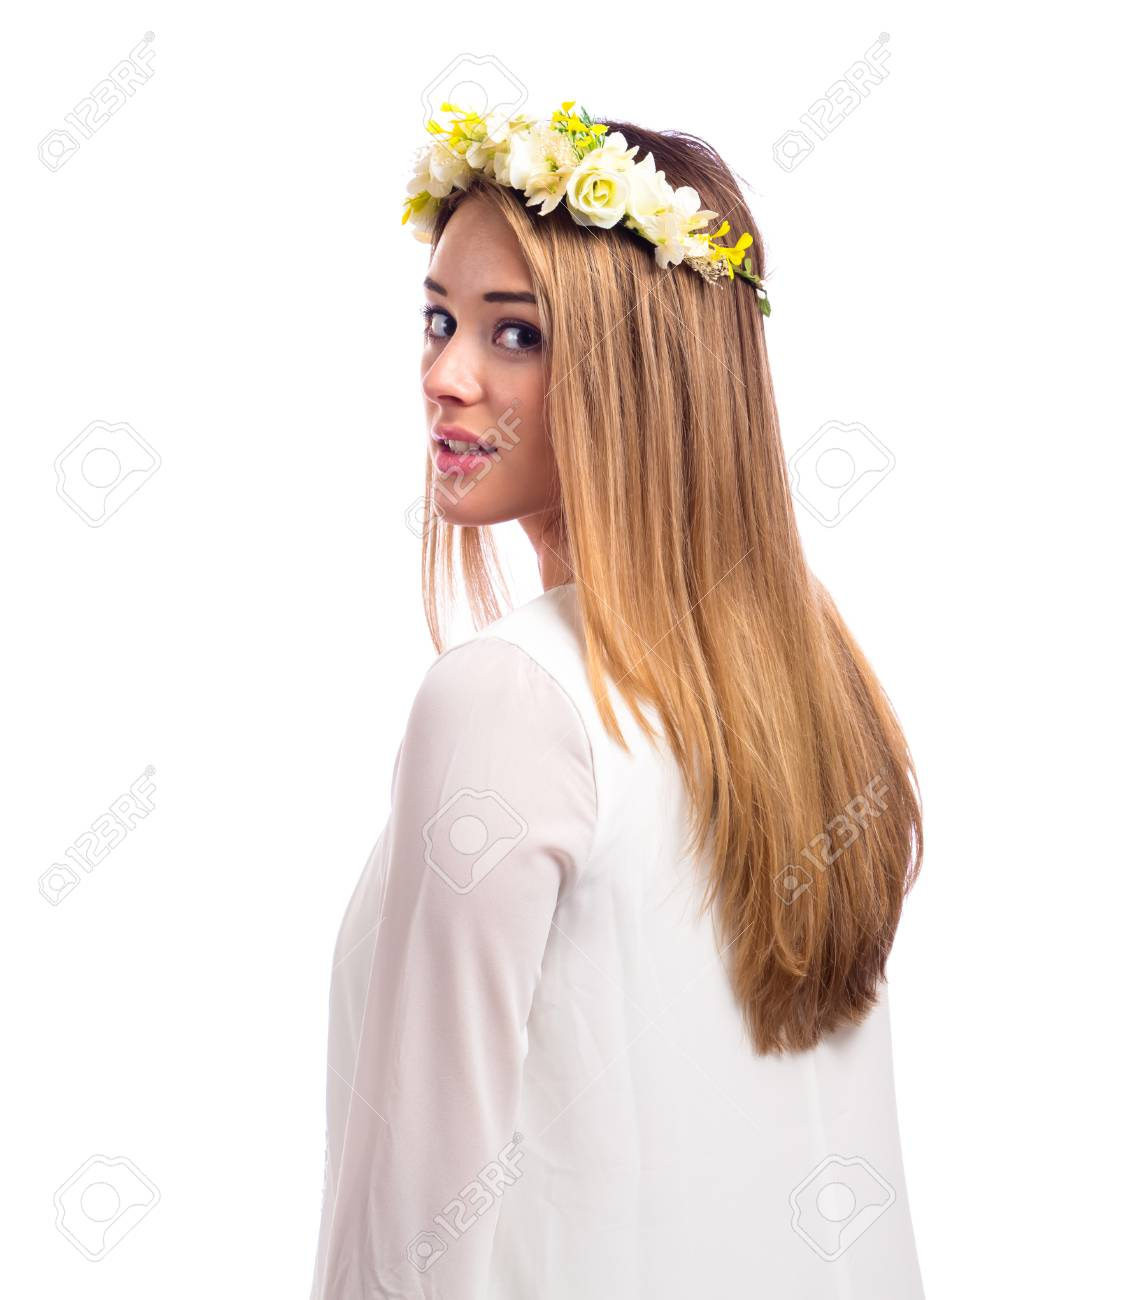 Witte Cocktailjurk.Mooie Jonge Vrouw Met Een Bloemkrans En Een Witte Jurk Geisoleerd Op